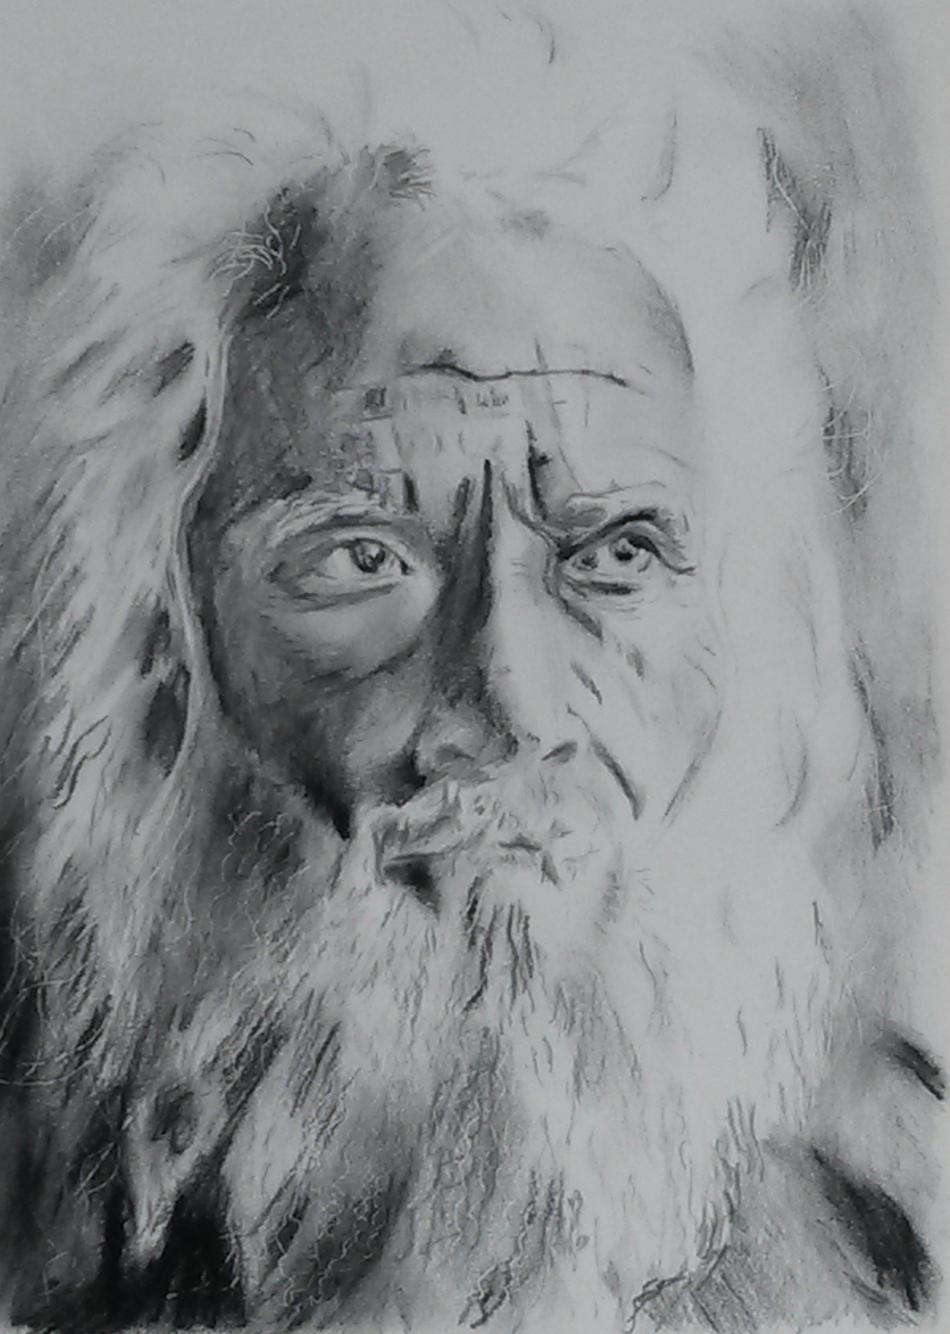 Sri Amitabh Singh